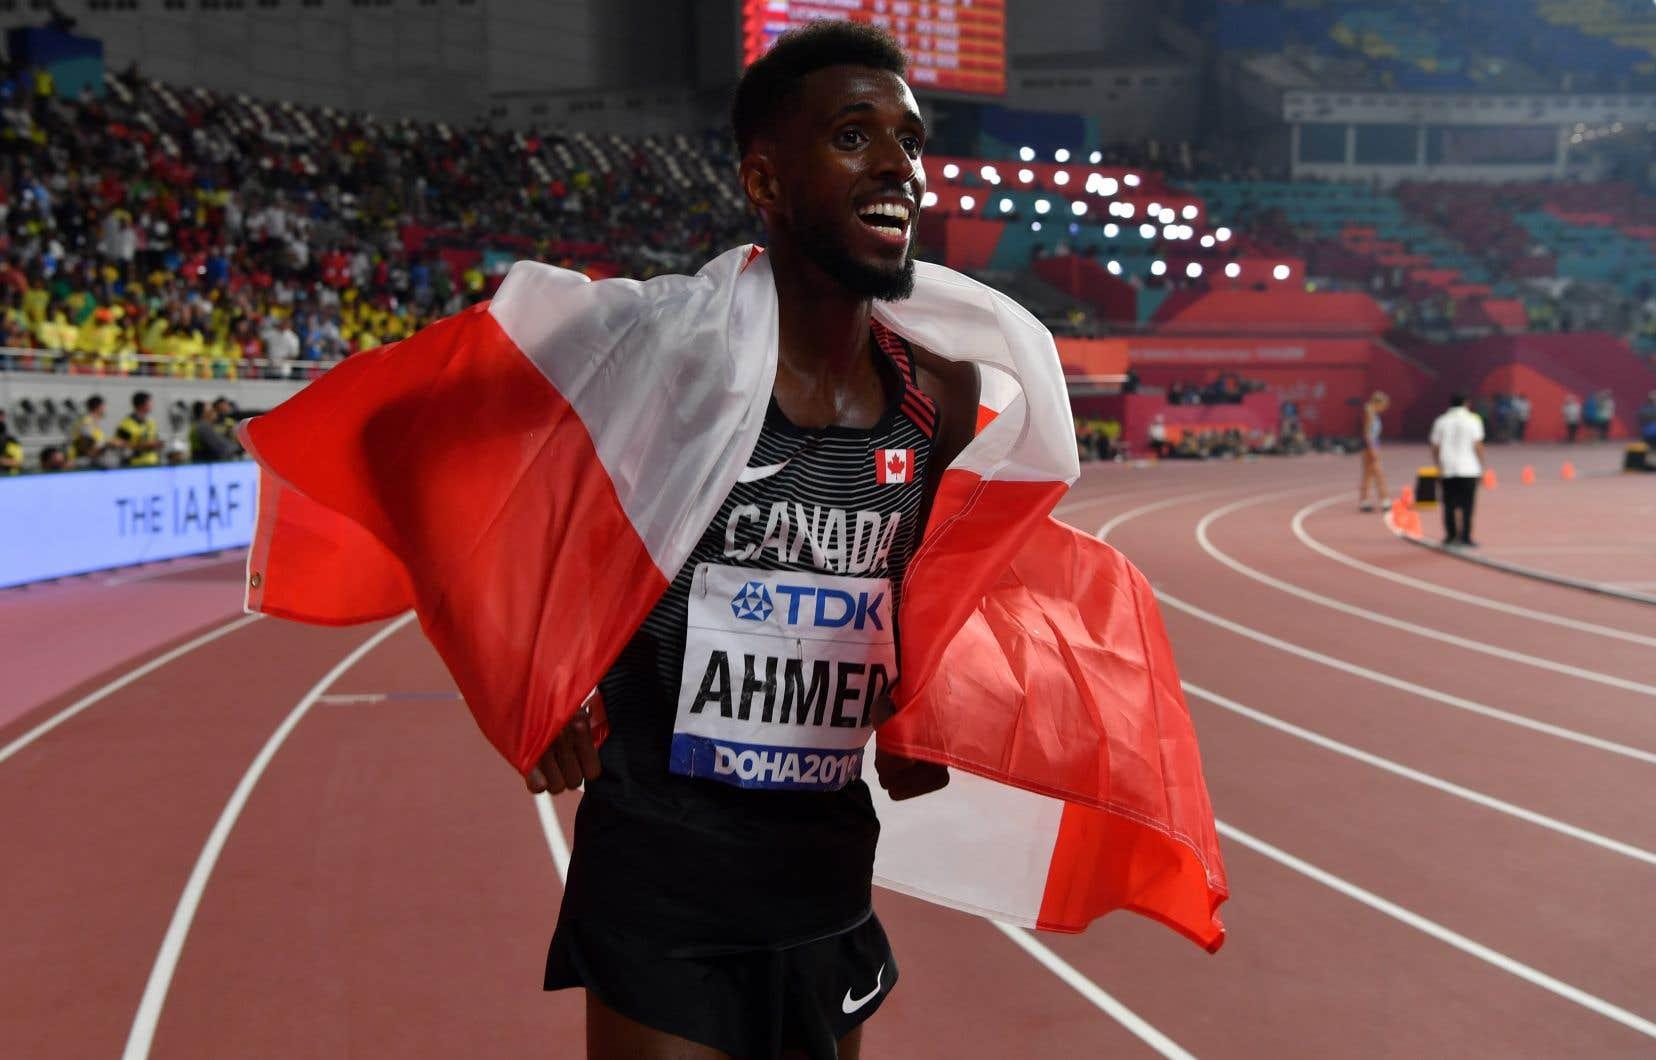 Mohammed Ahmed a couru les 5000 mètres en13 minutes et 1,11 seconde, remportant ainsi la médaille de bronze.